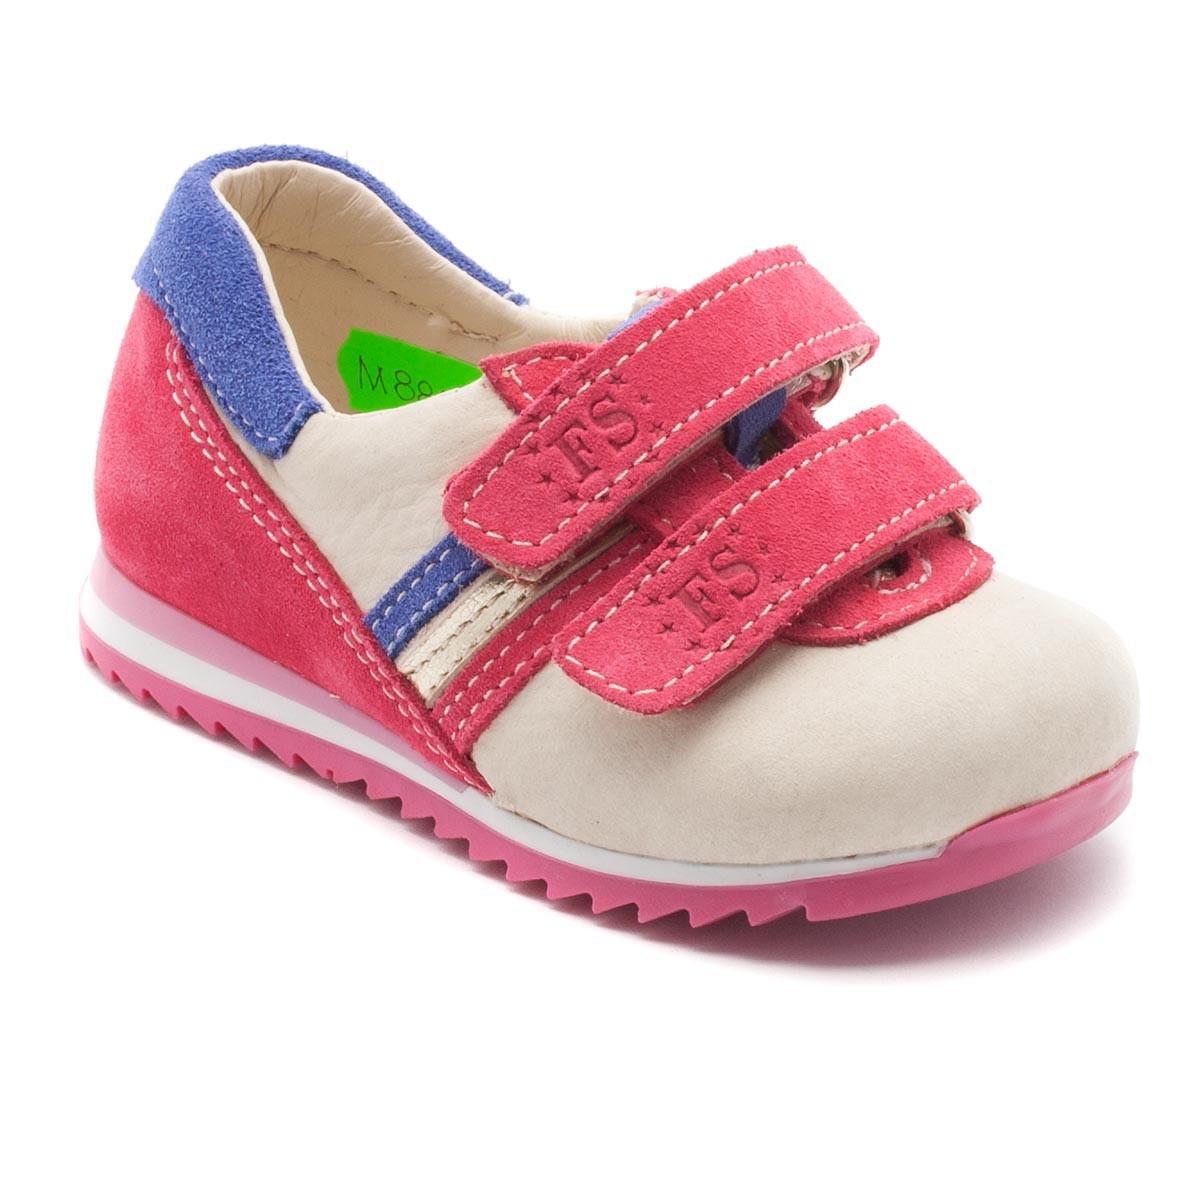 Детские кроссовки FS Сollection на липучках, натуральная кожа, для девочки, размер 20-30